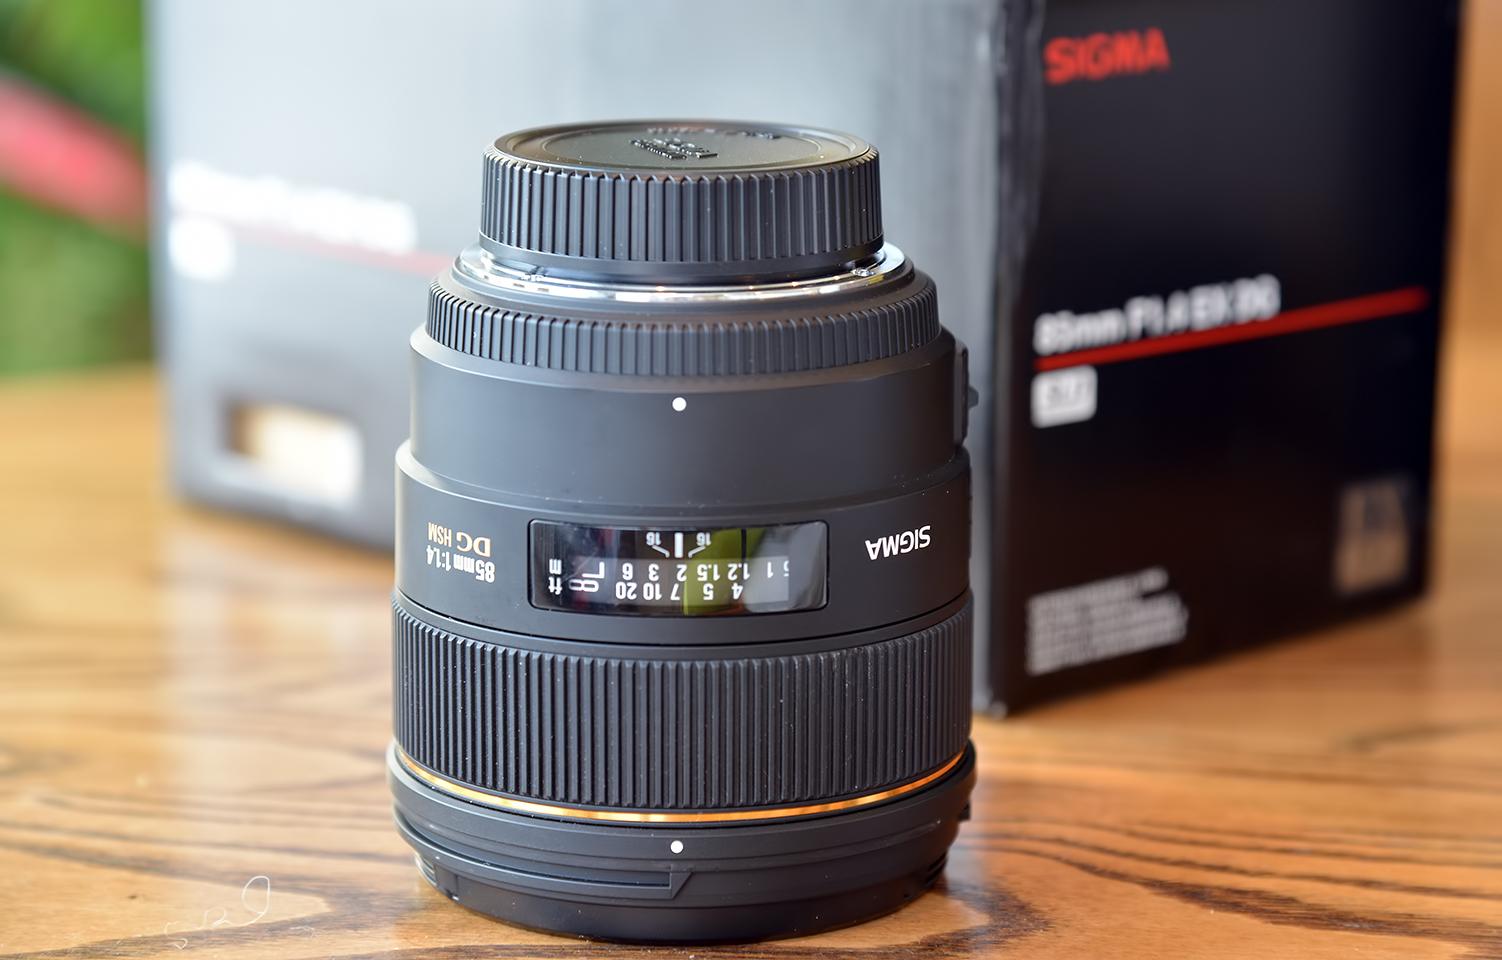 Sigma 85mm F 14 Ex Dg Hsm Prime Lens For Nikon Cameras Sale 13d 1701 1 4